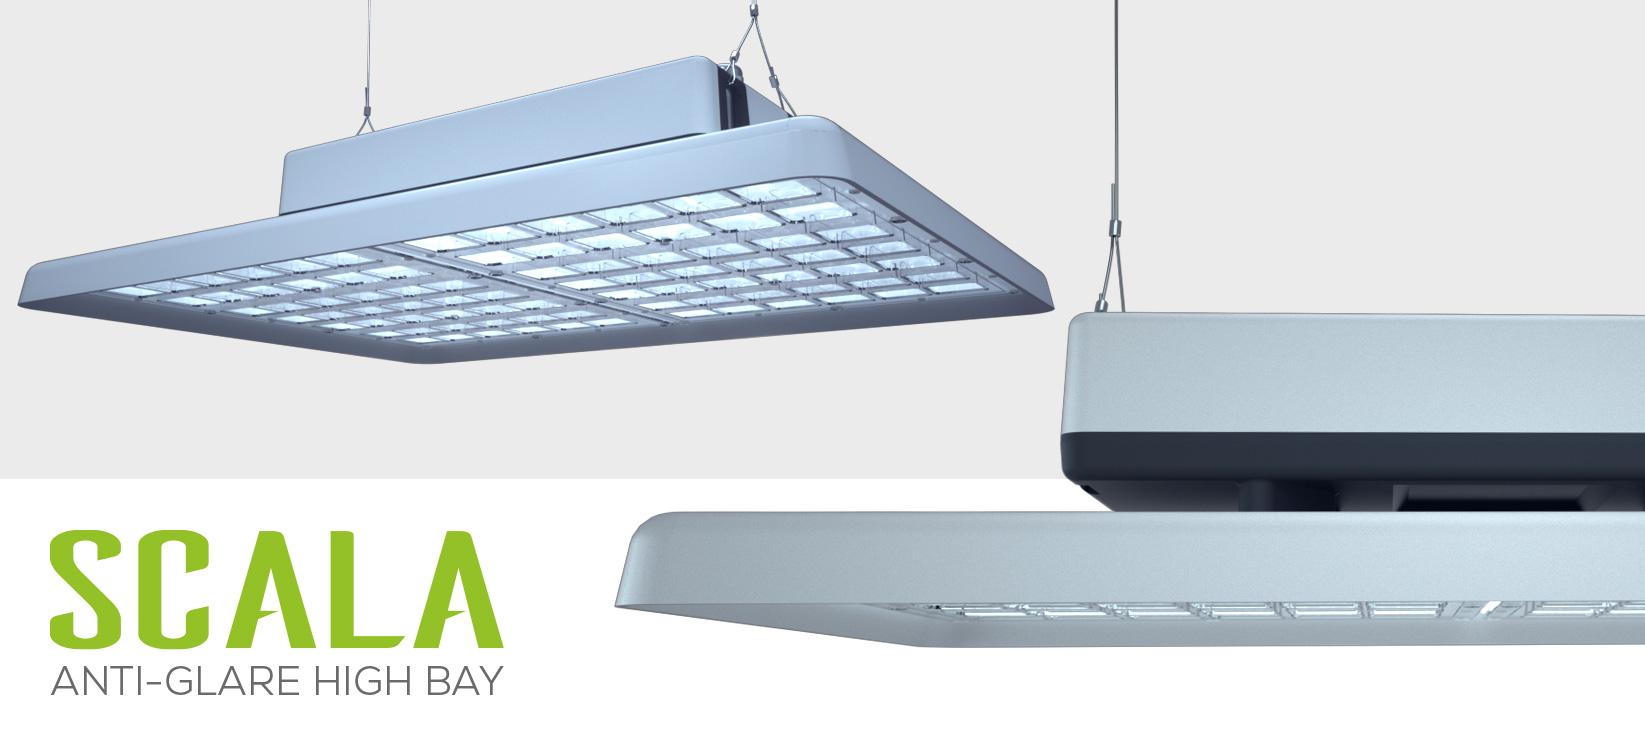 Scala Anti-Glare LED High Bay